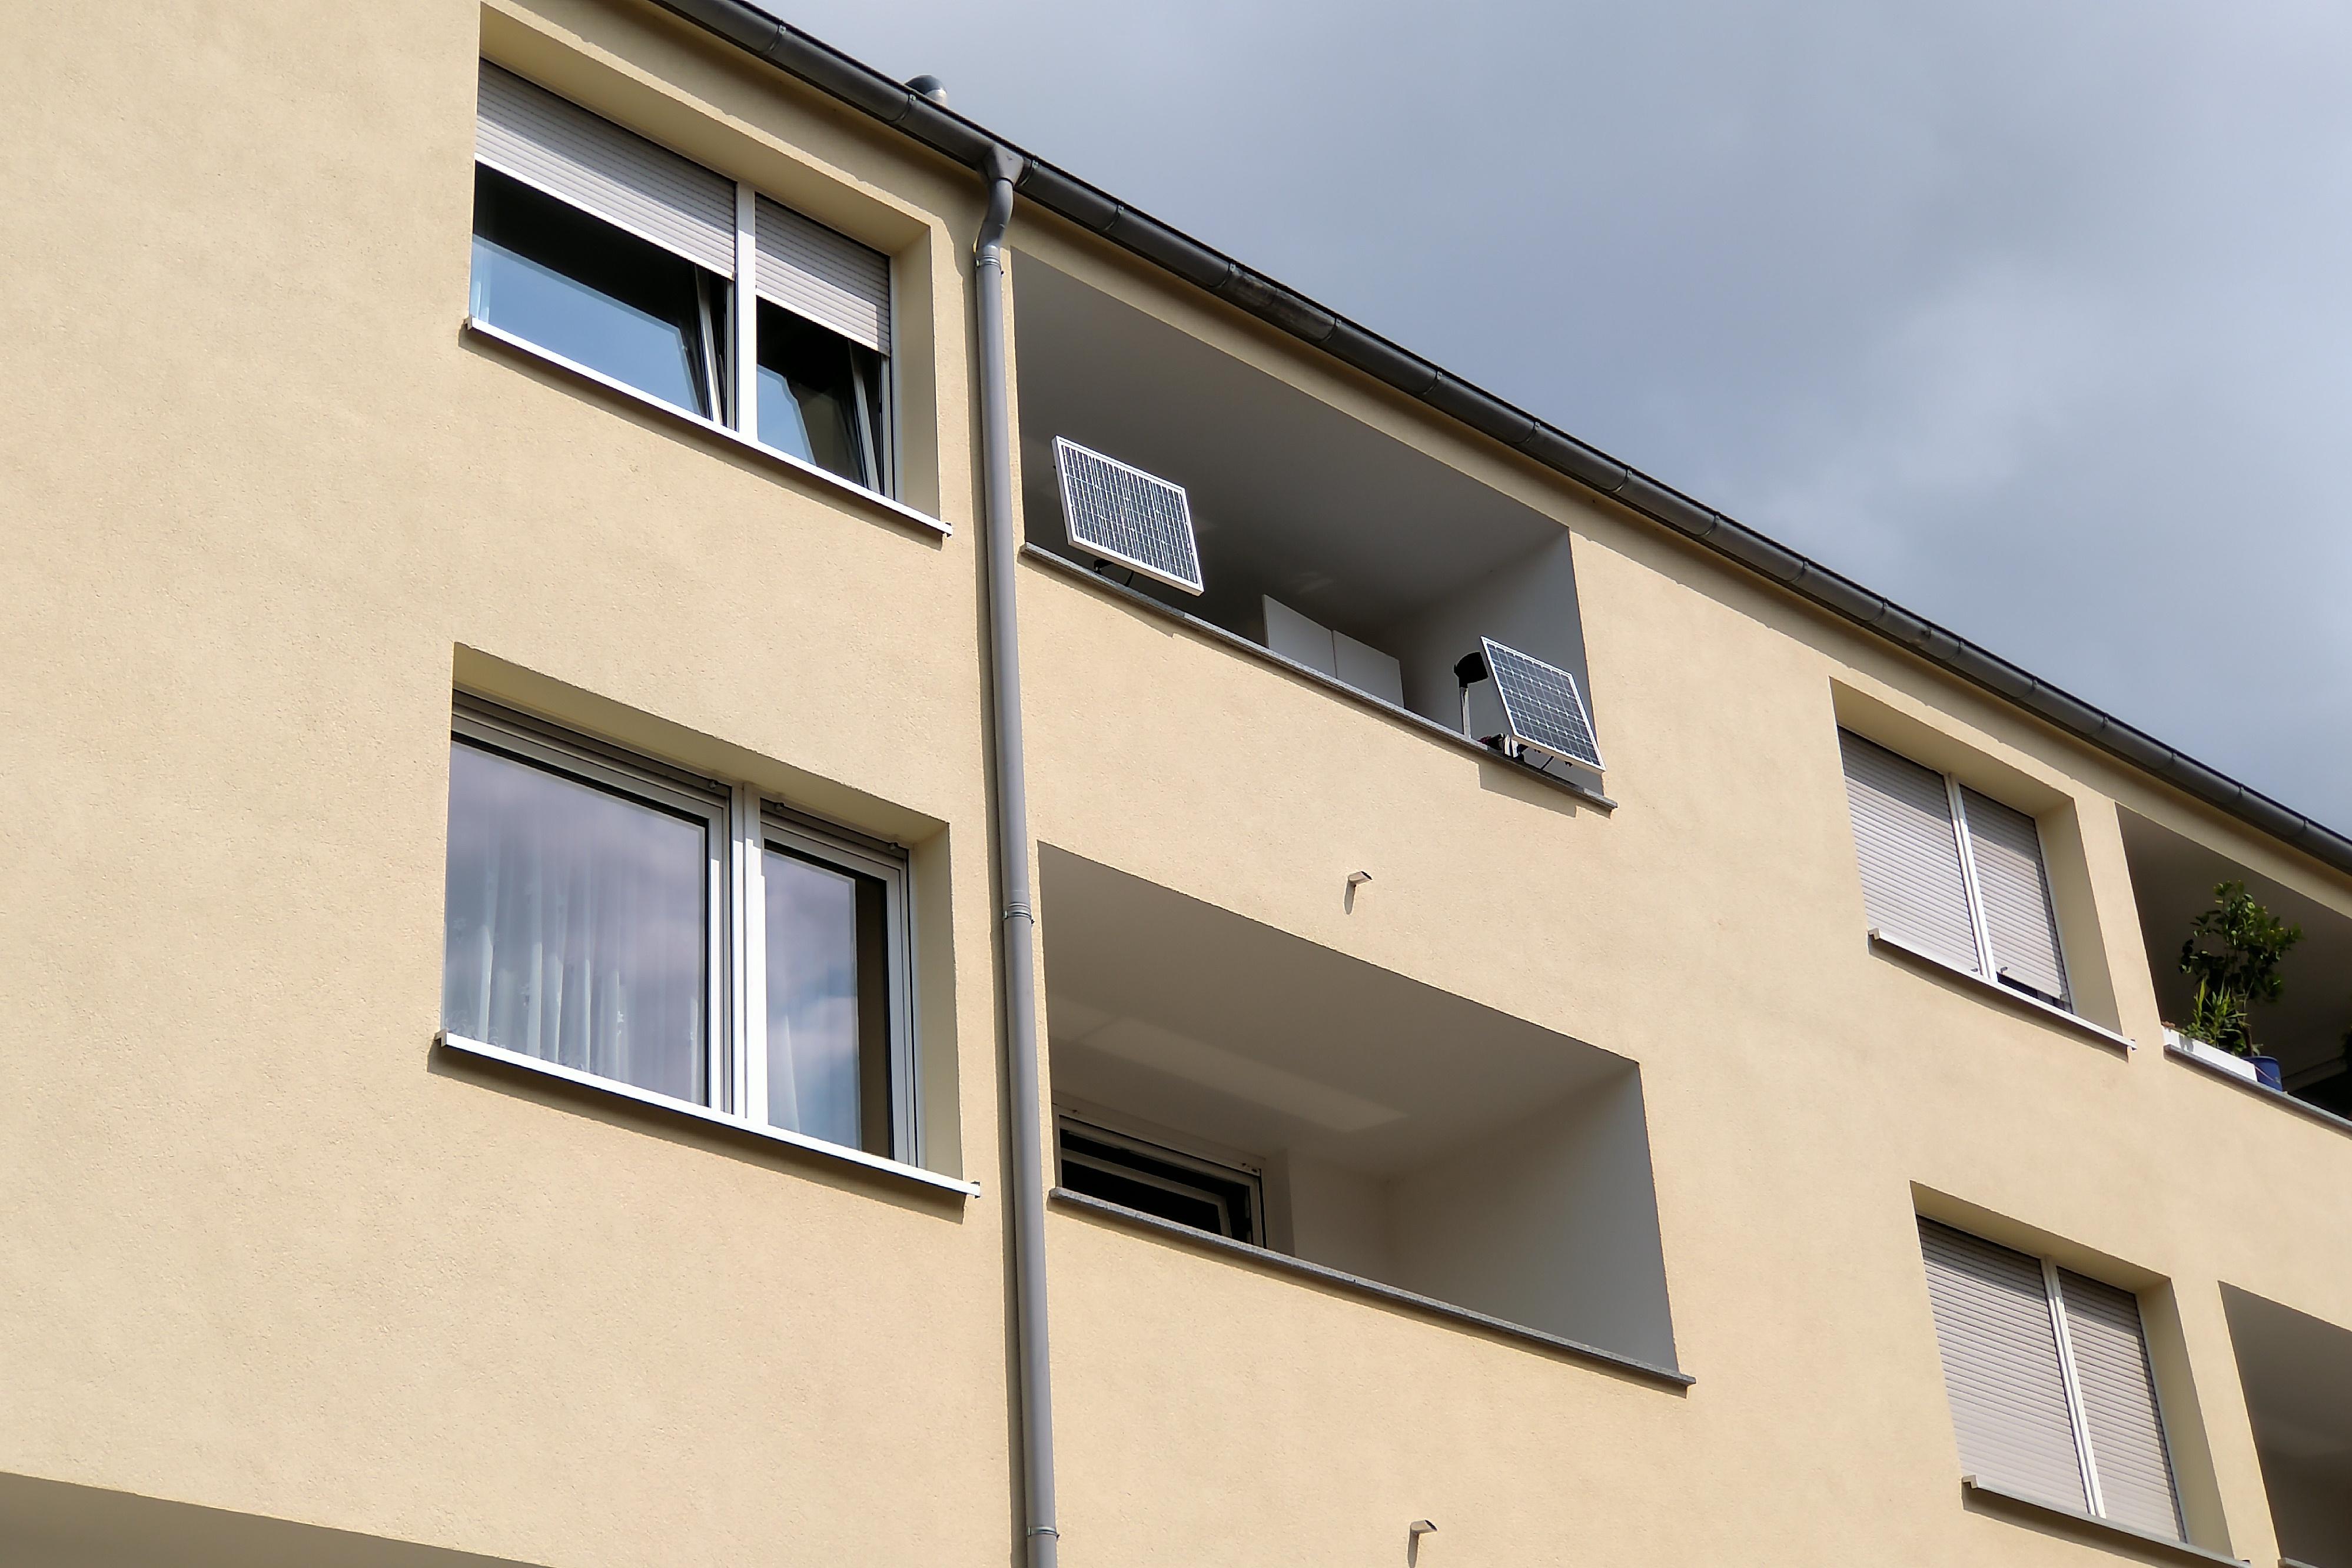 Wohnbebauung in der Nordstadt von Pforzheim © Jörg Sutter